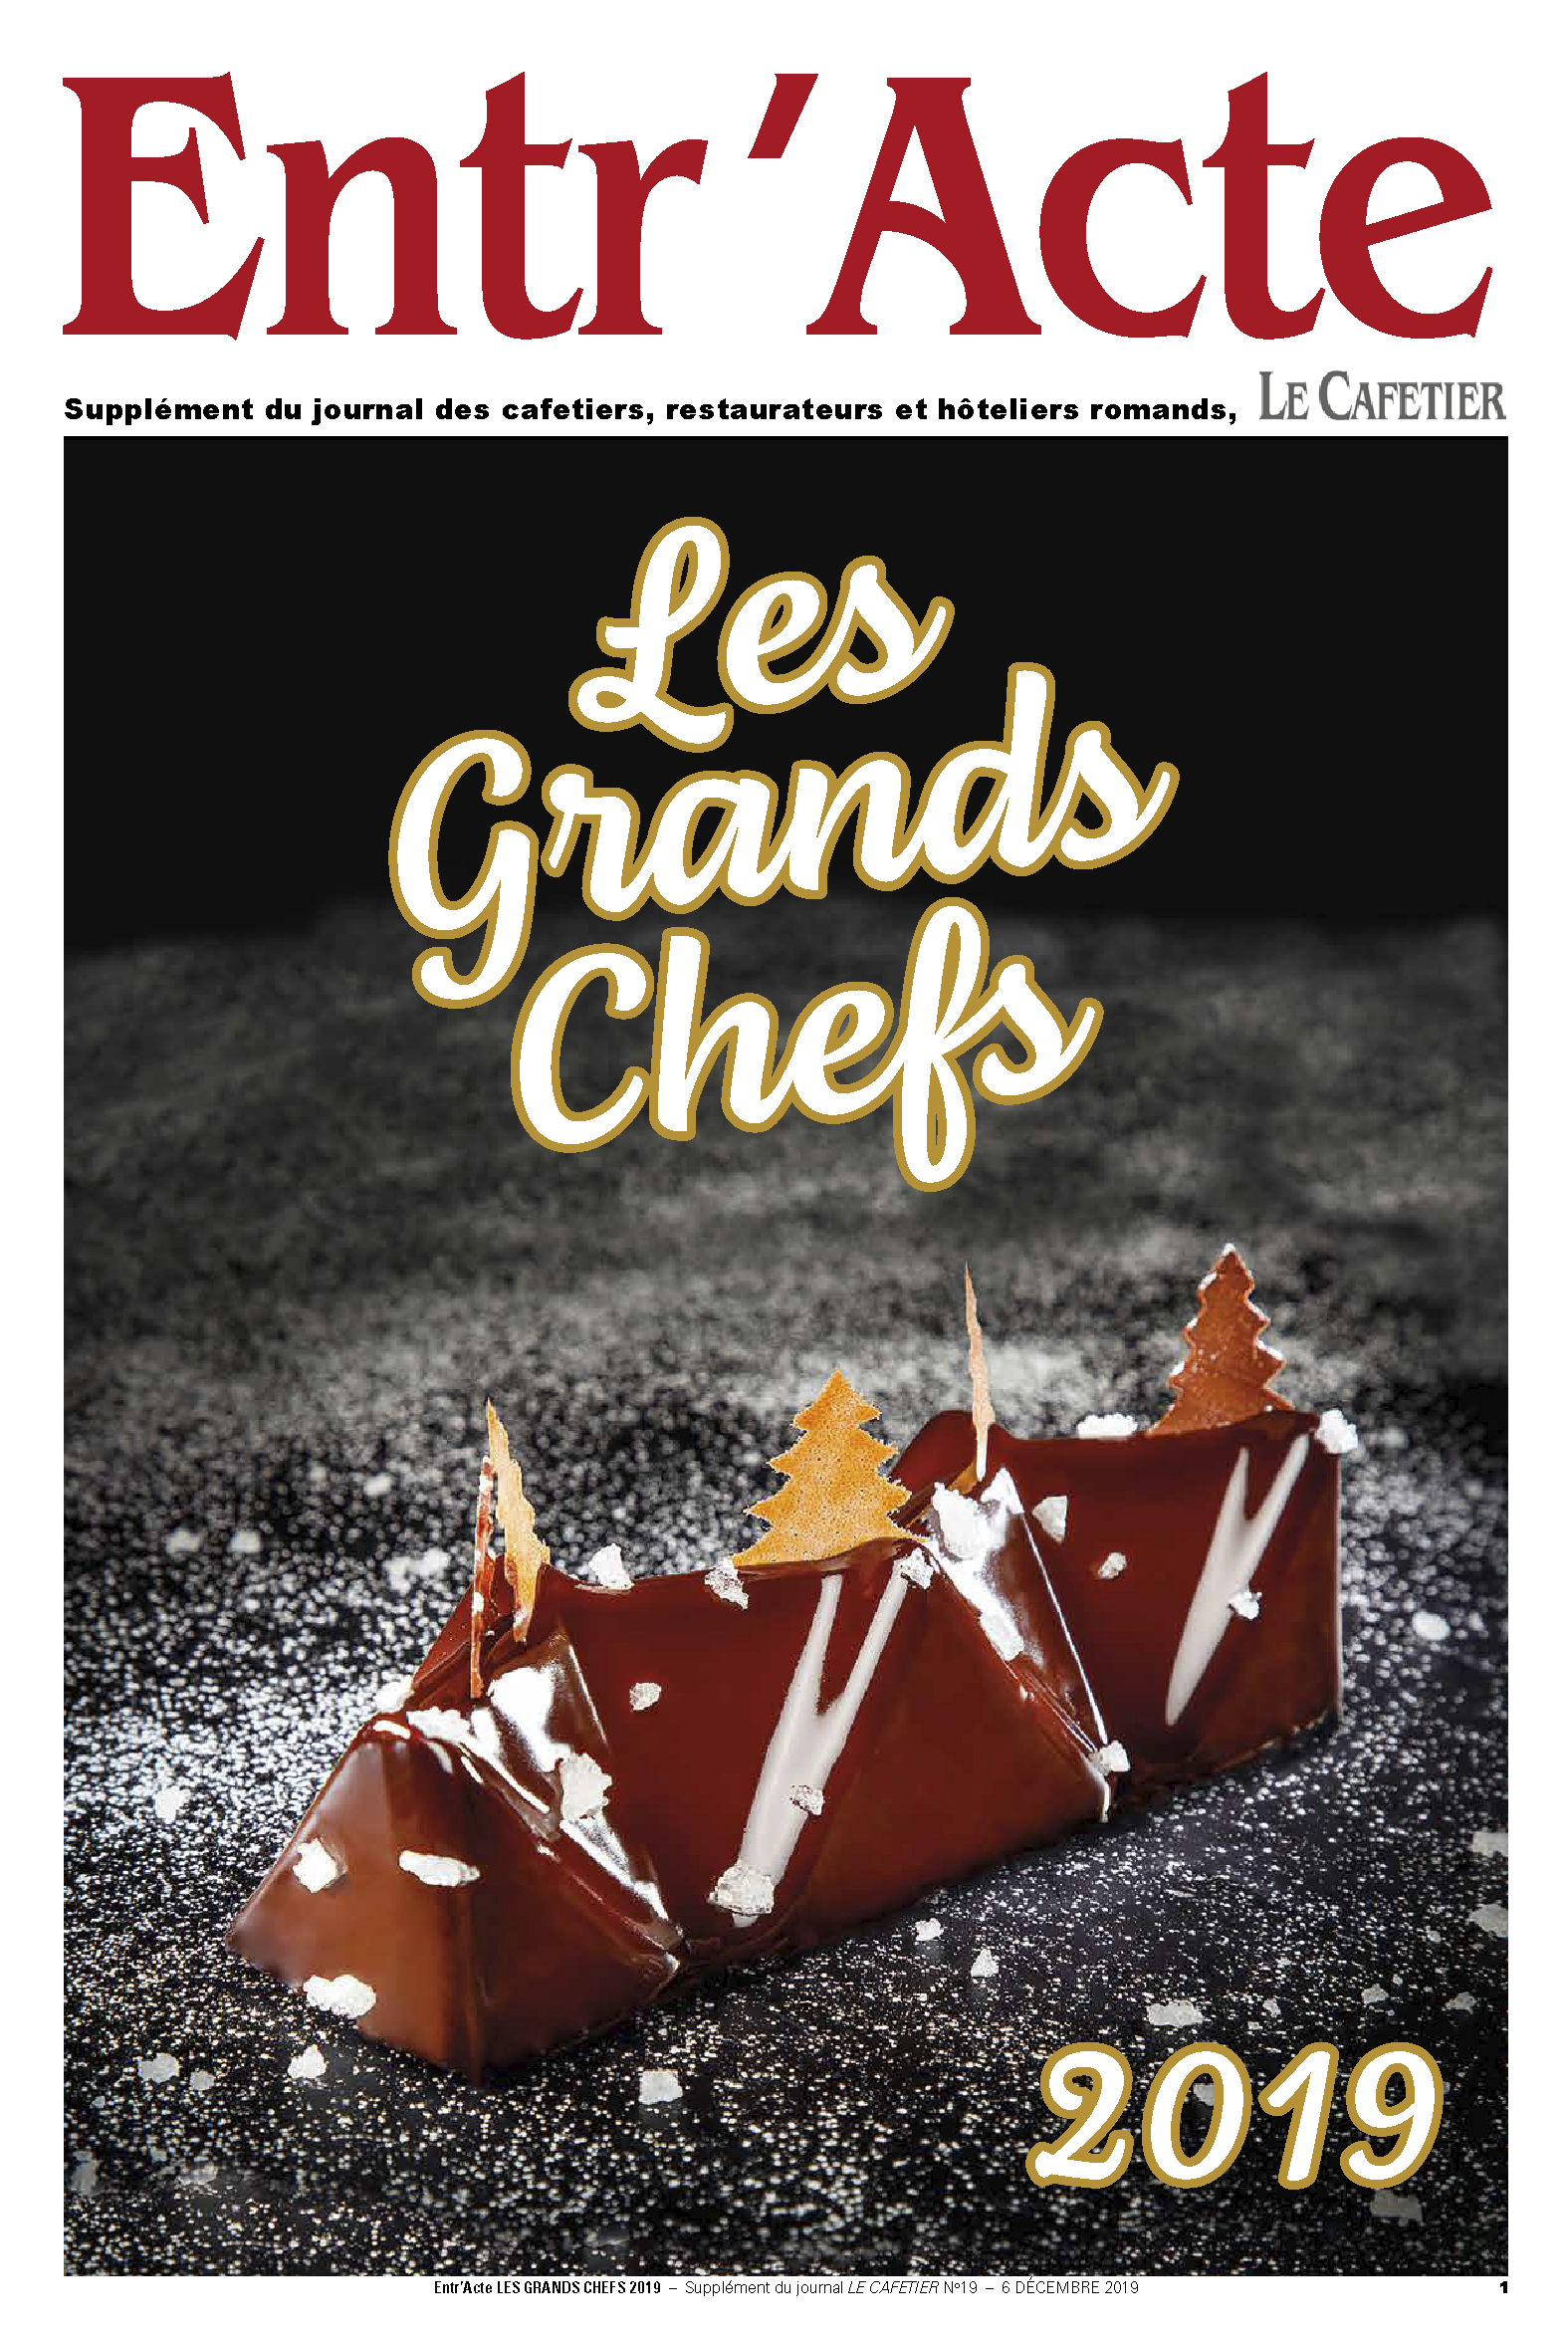 Entr'Acte Les Grands Chefs 2019